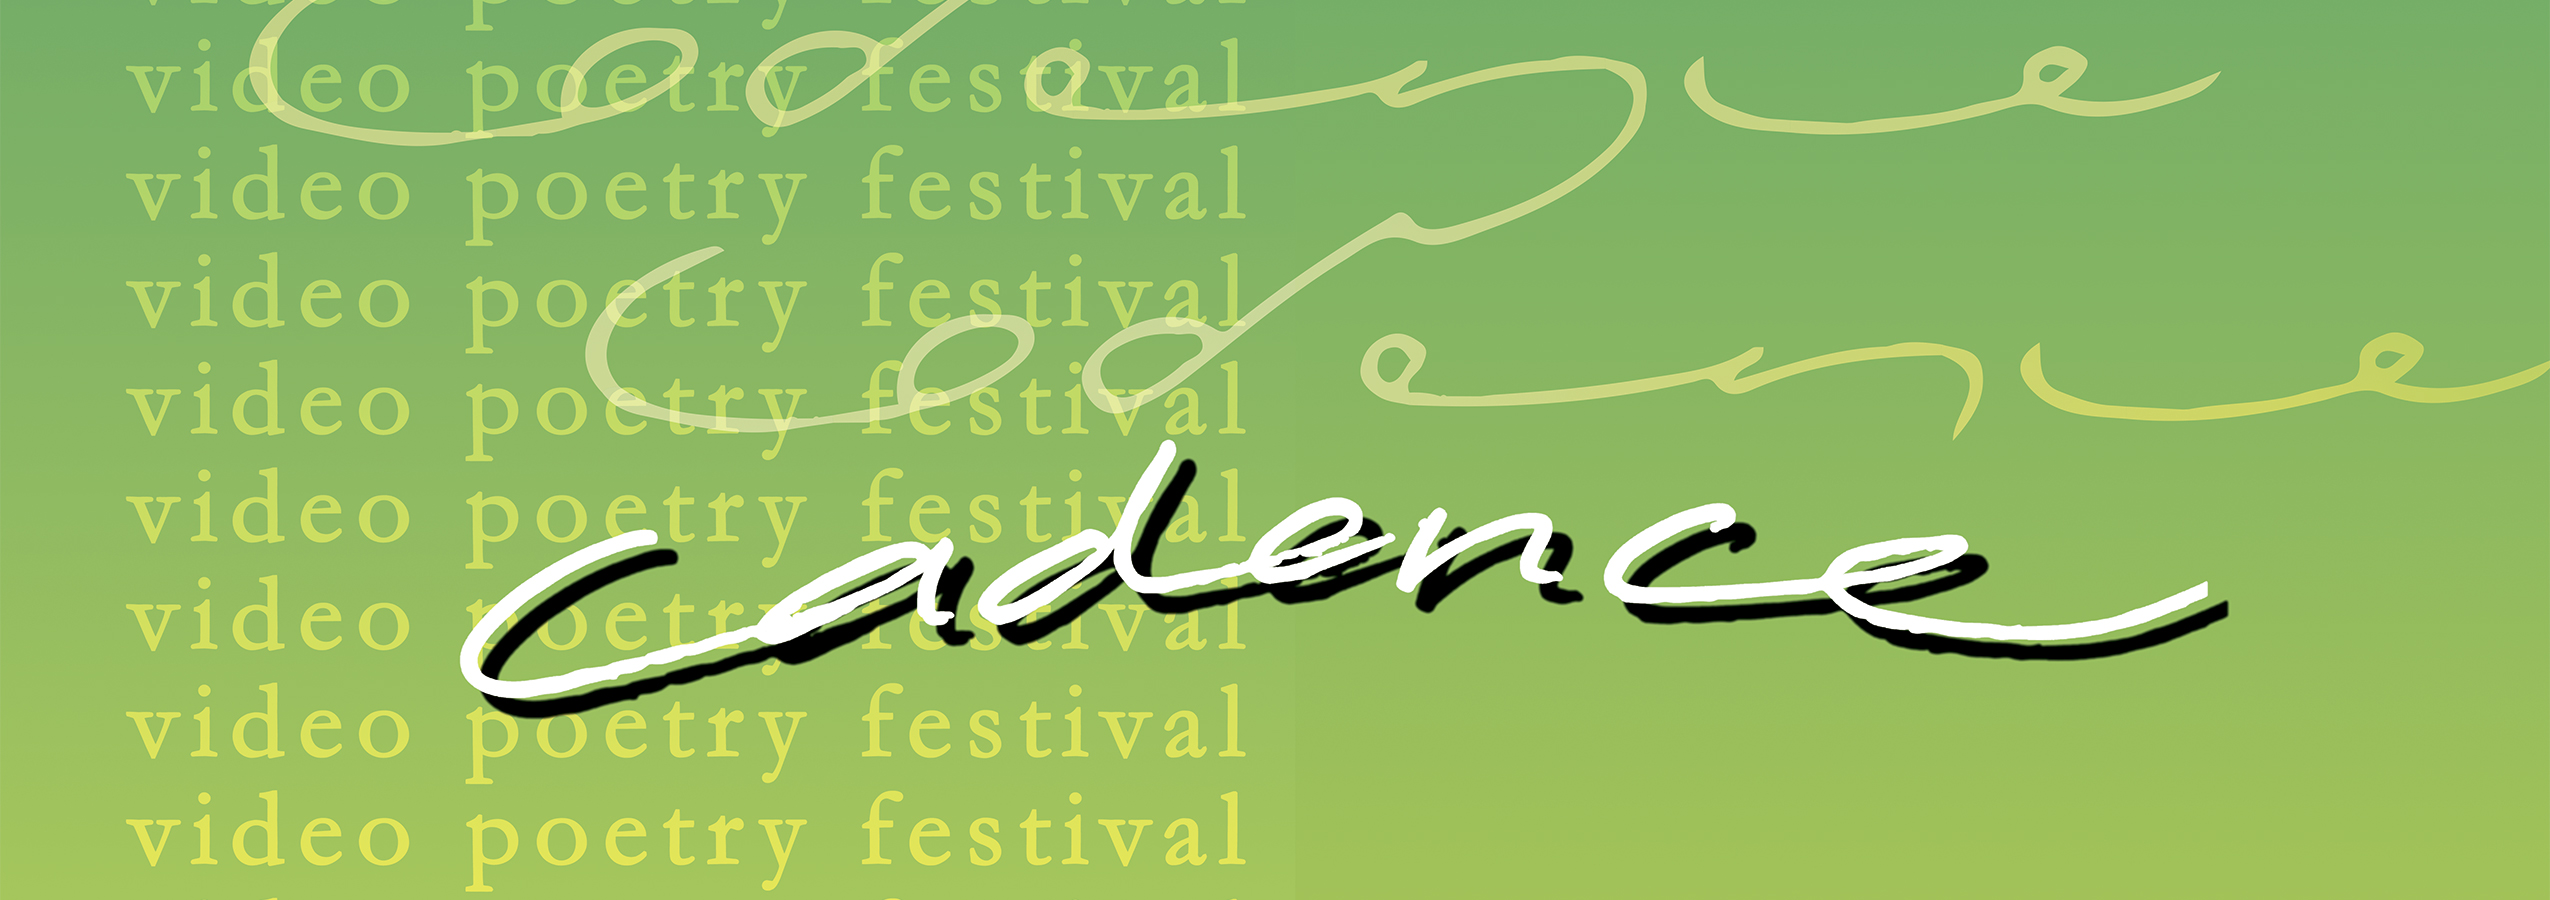 Cadence: Video Poetry Festival 2021